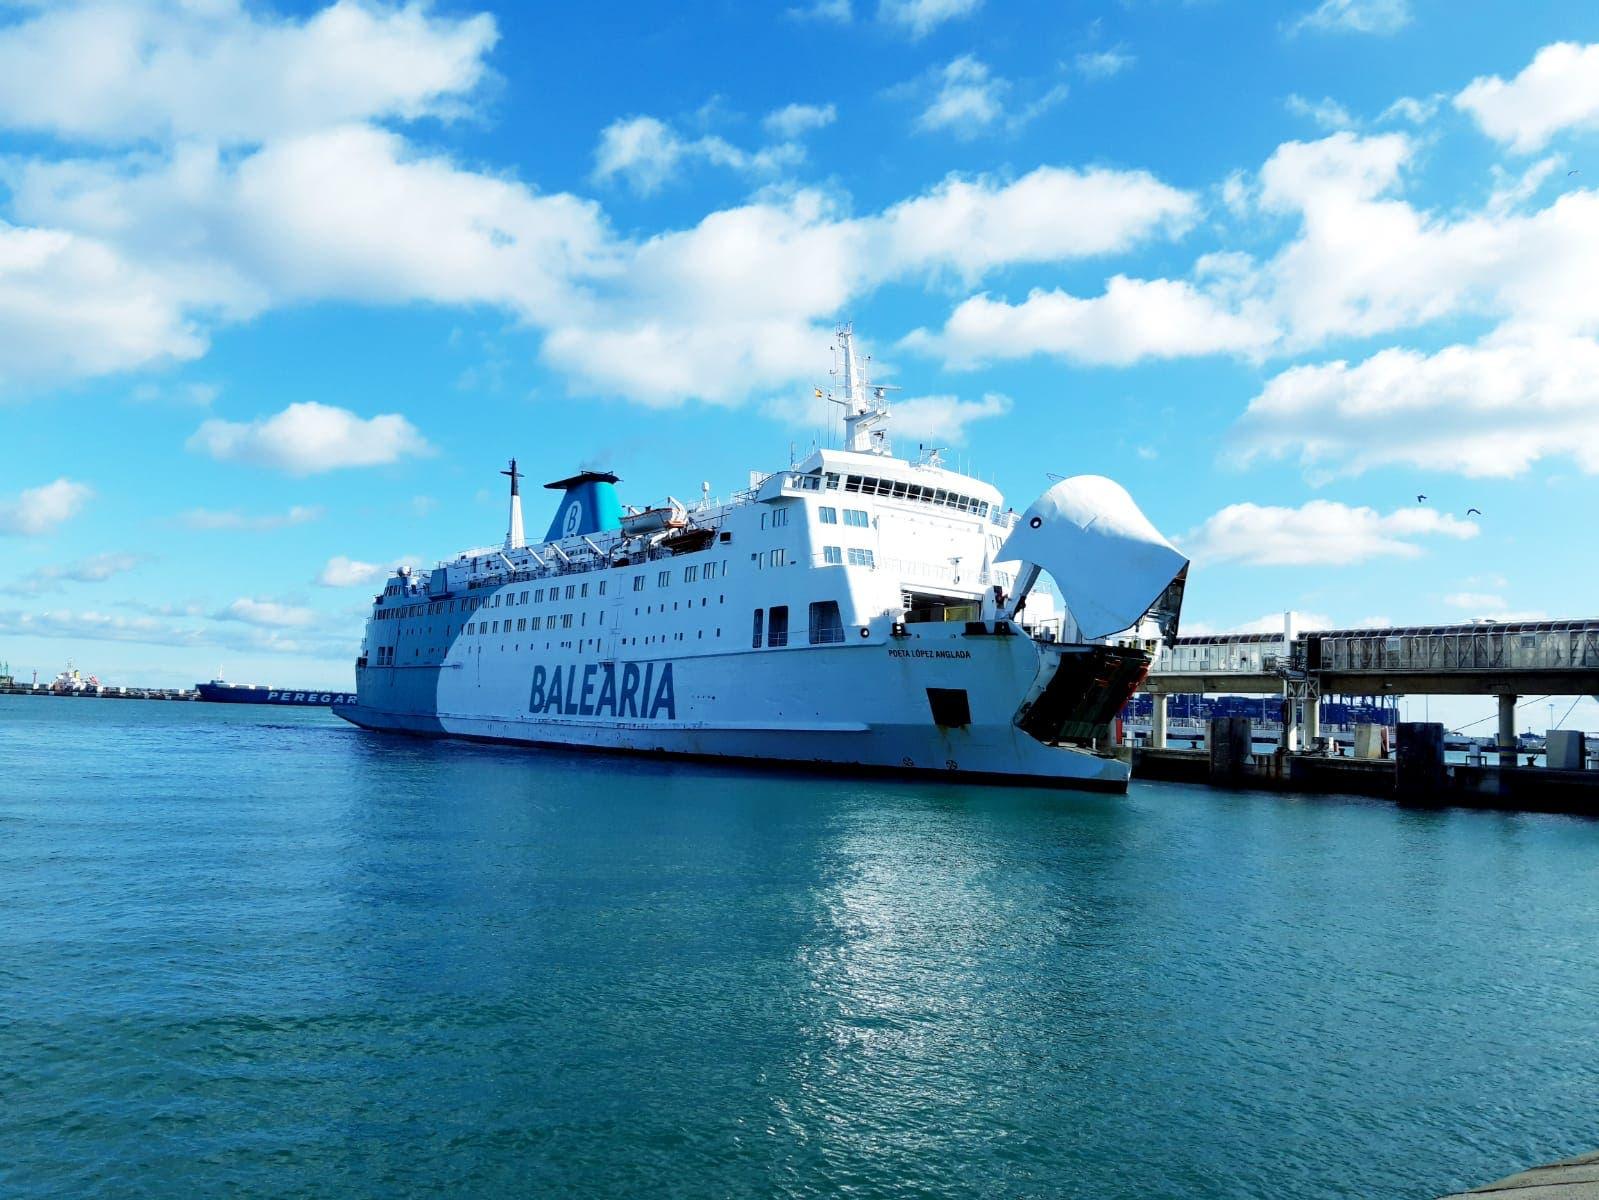 """رحلة بحرية """"استثنائية"""" تربط شمال المغرب وجنوب إسبانيا بداية شهر مارس"""